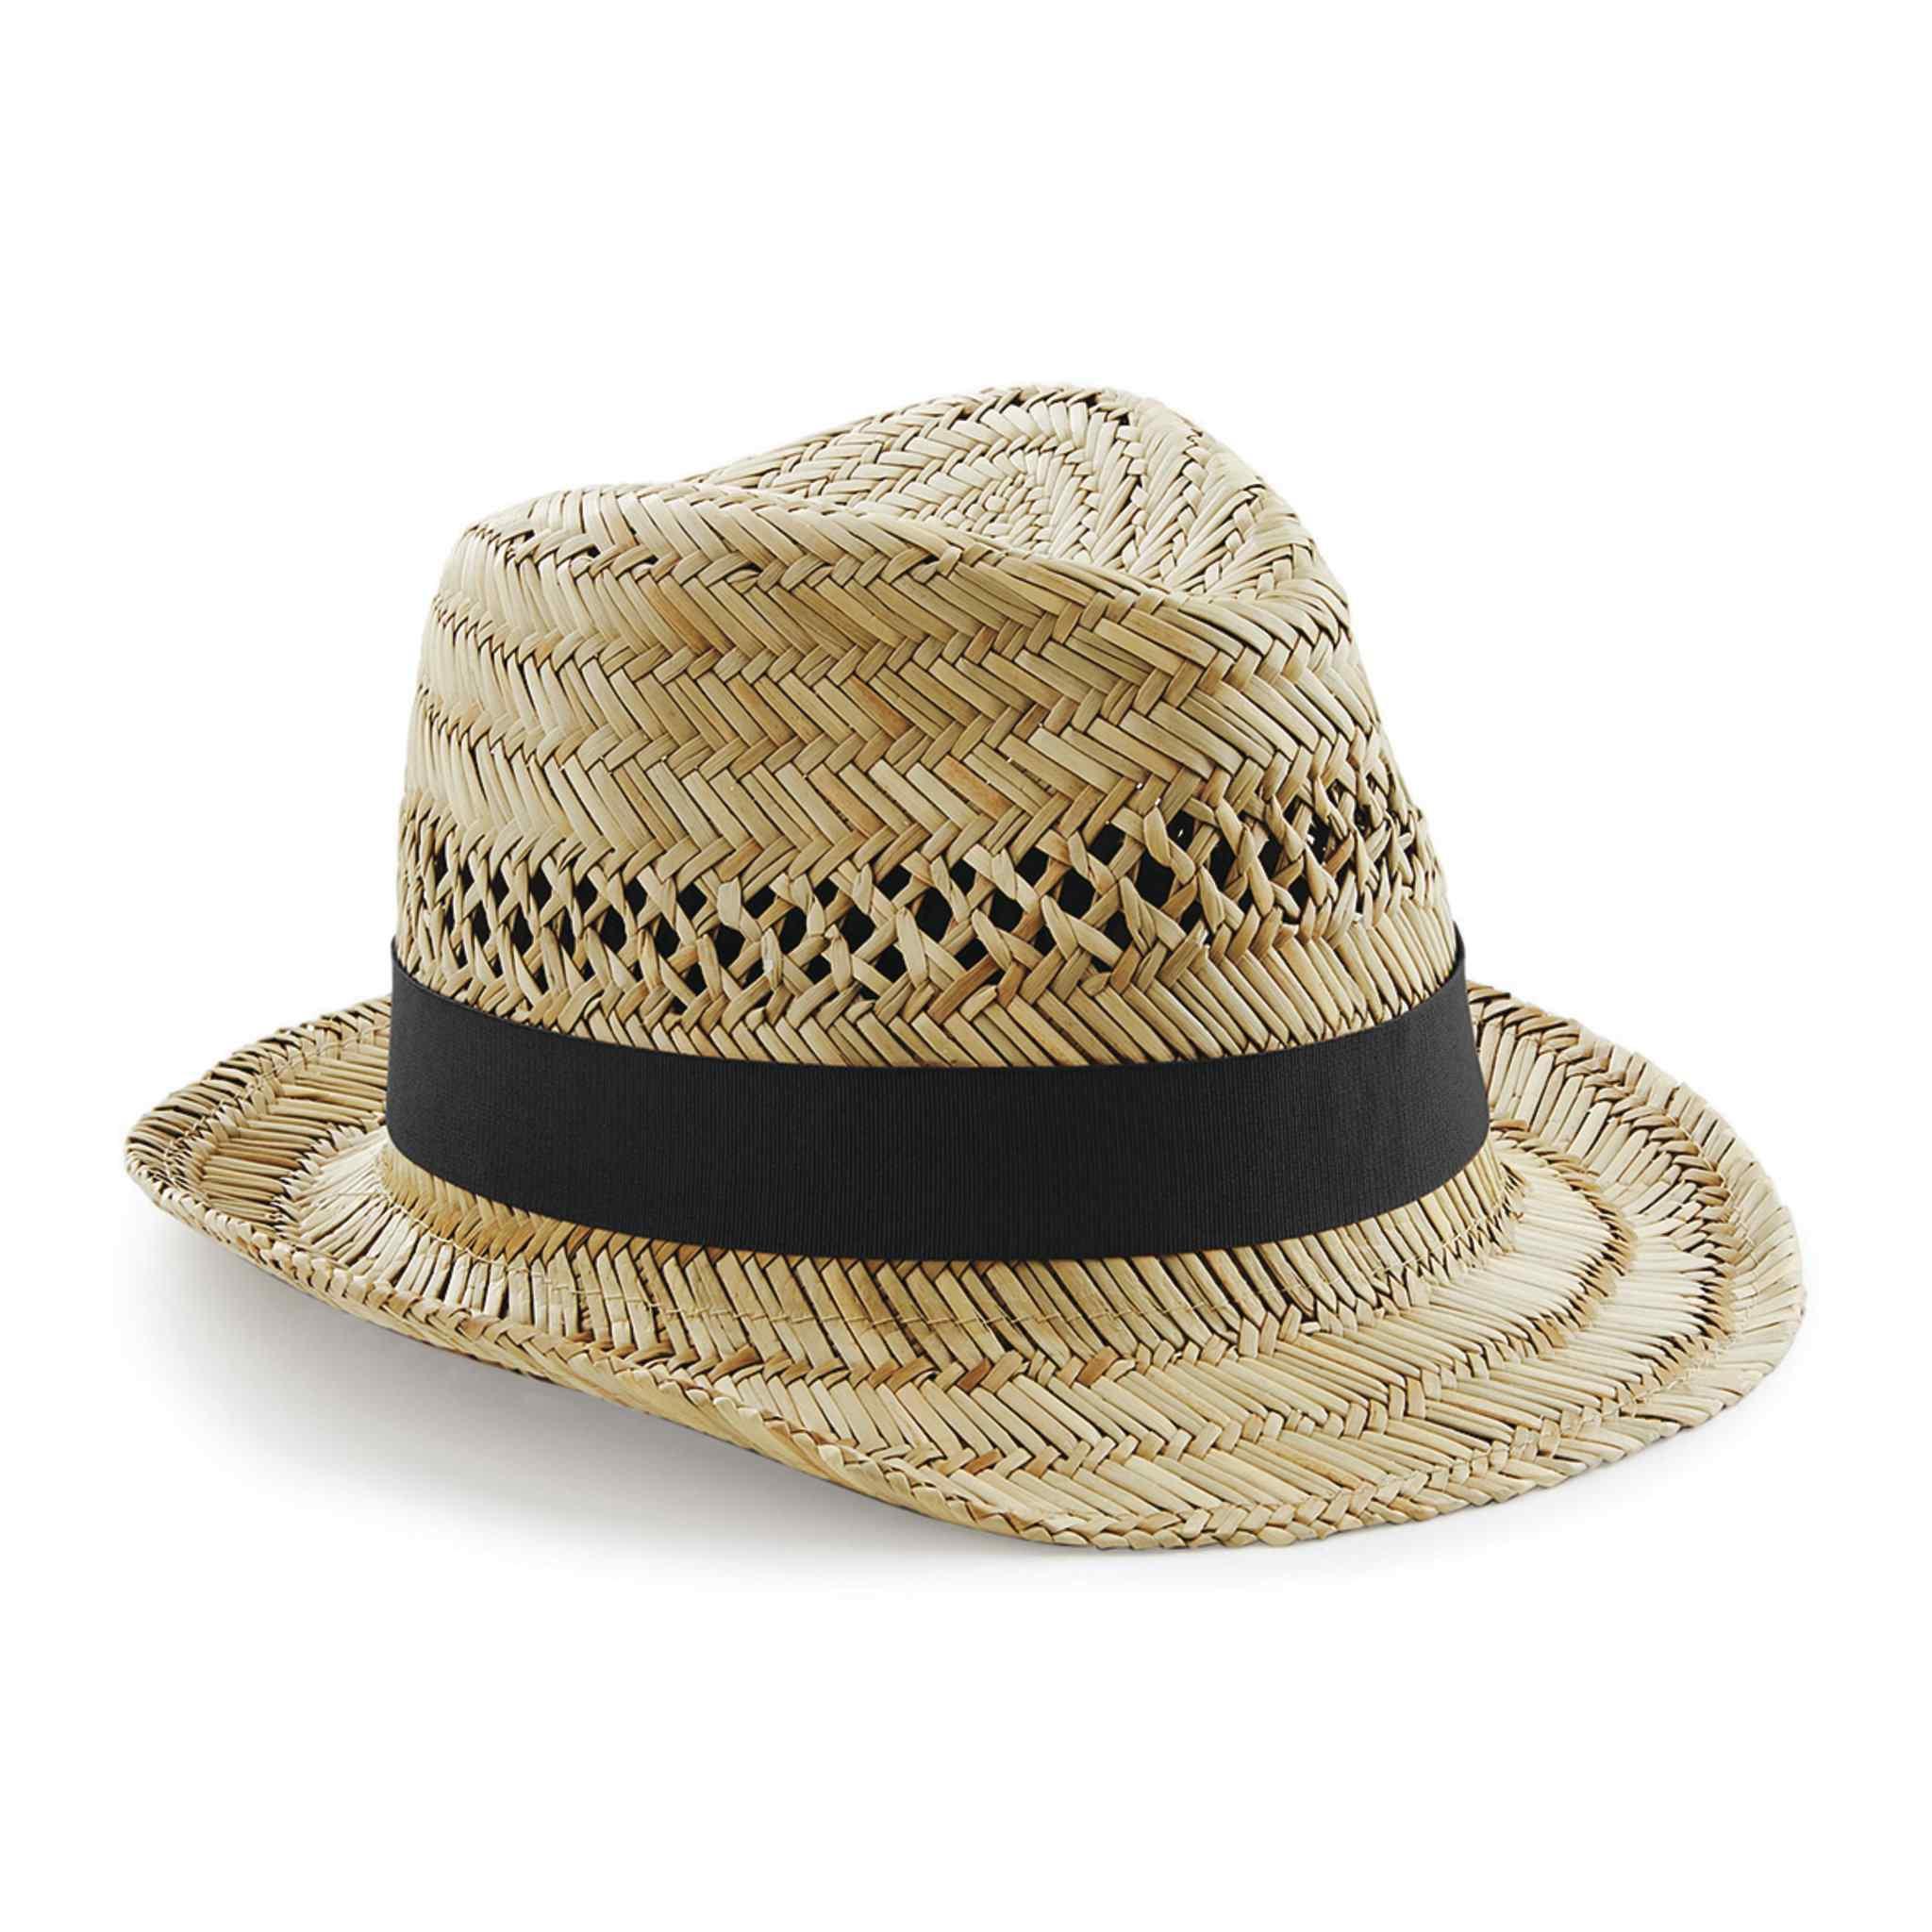 Chapeau promotionnel écologique en paille Trilbo - chapeau publicitaire